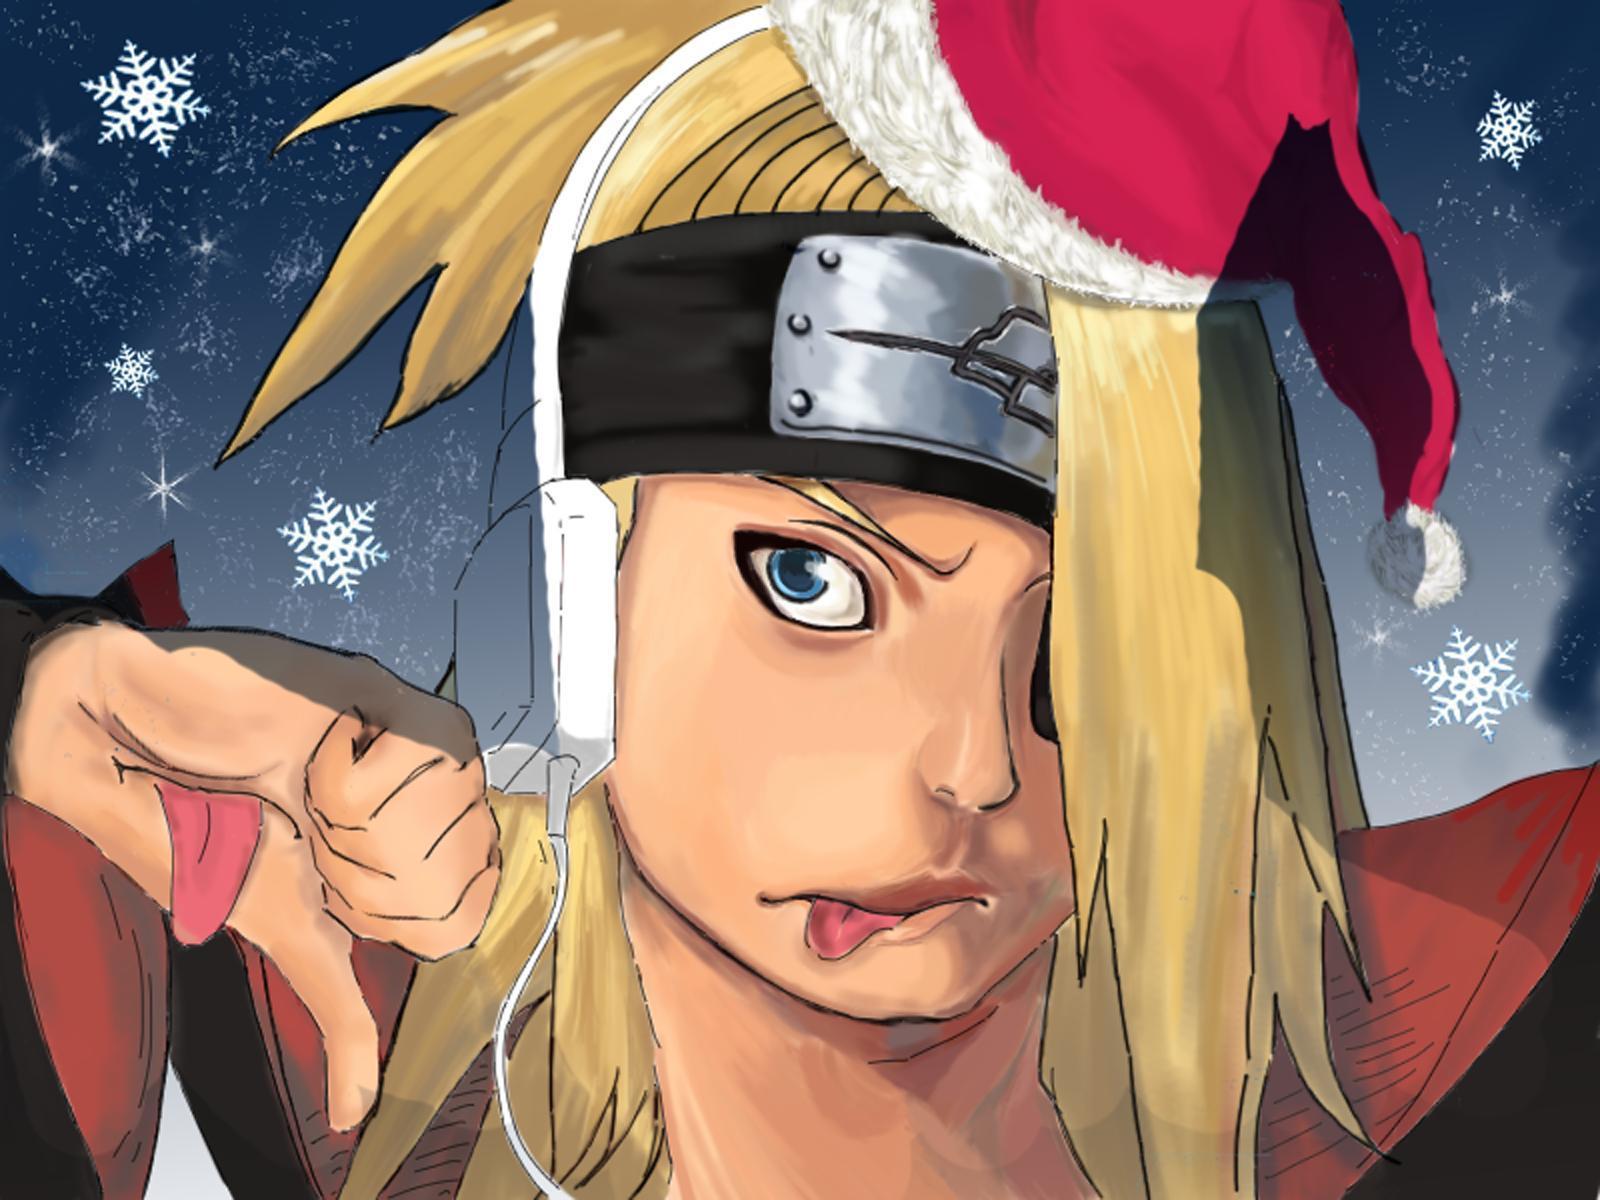 christmas anime naruto - photo #32